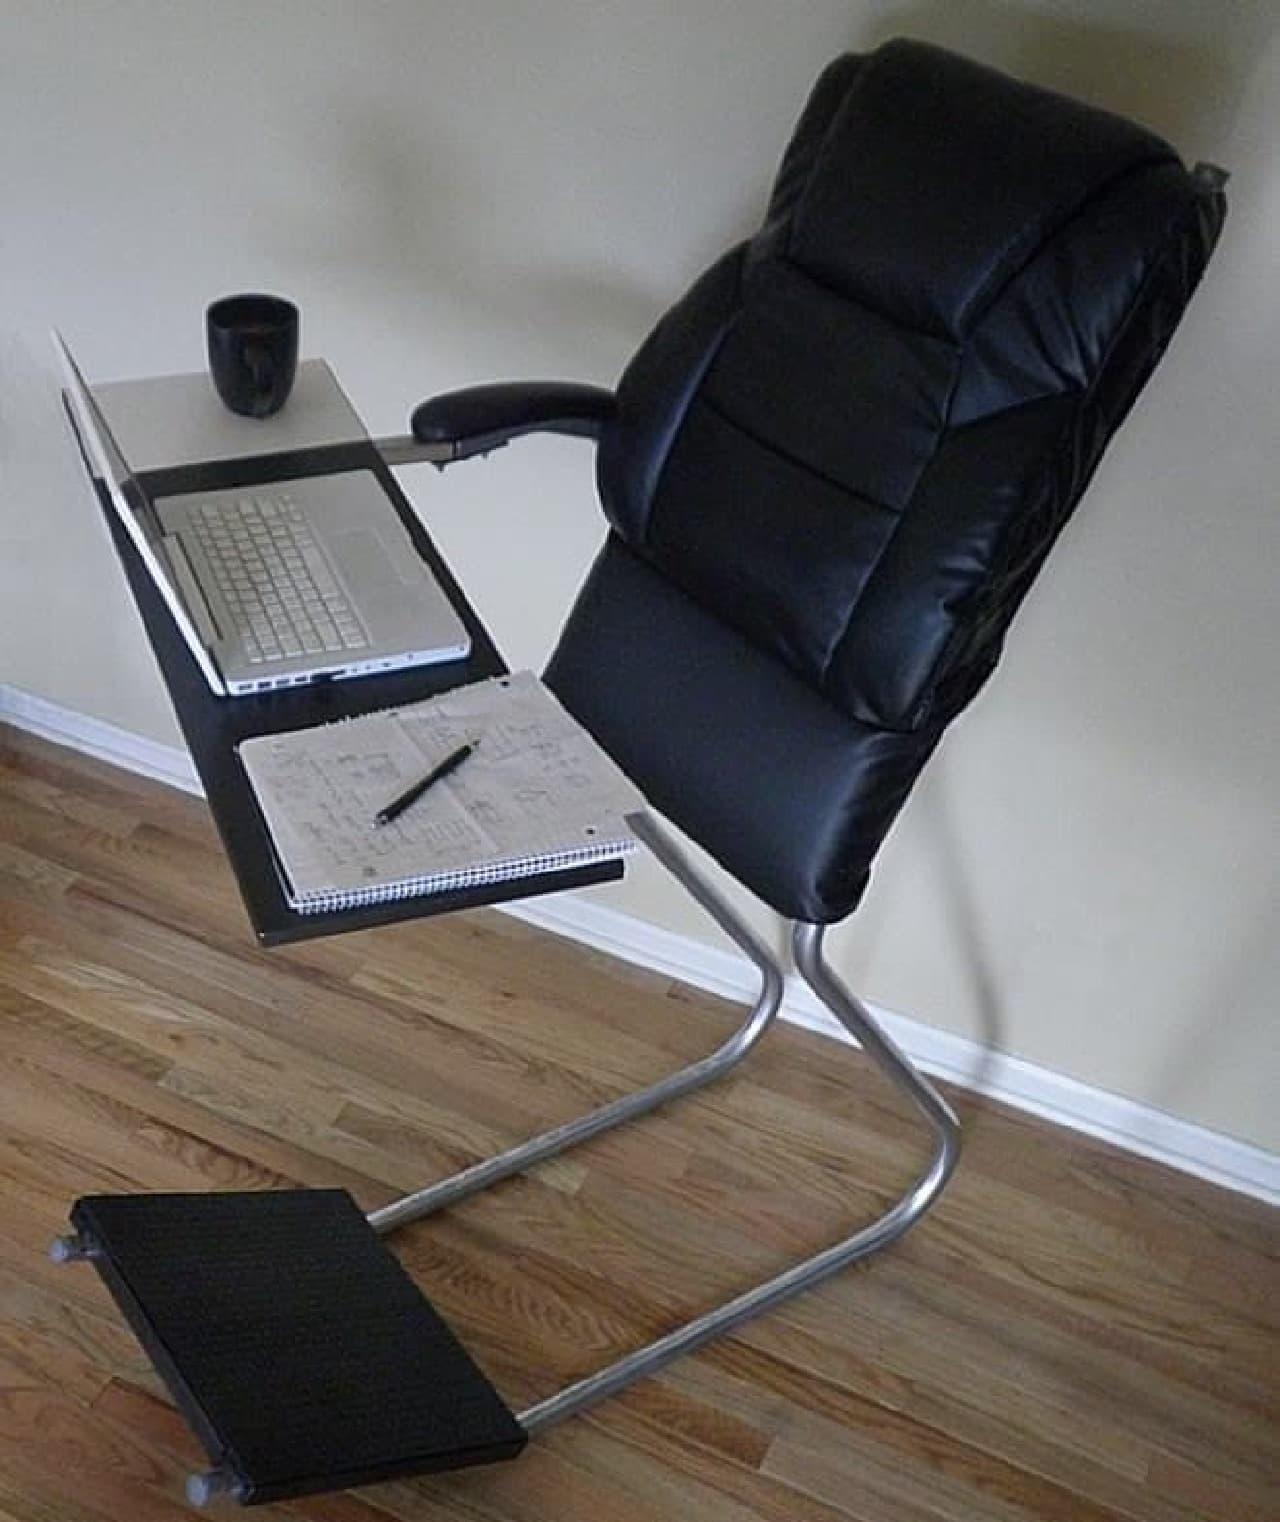 座るのではなく\u201c寄りかかる\u201d椅子「LeanChair」\u2015肩・腰によいだけ